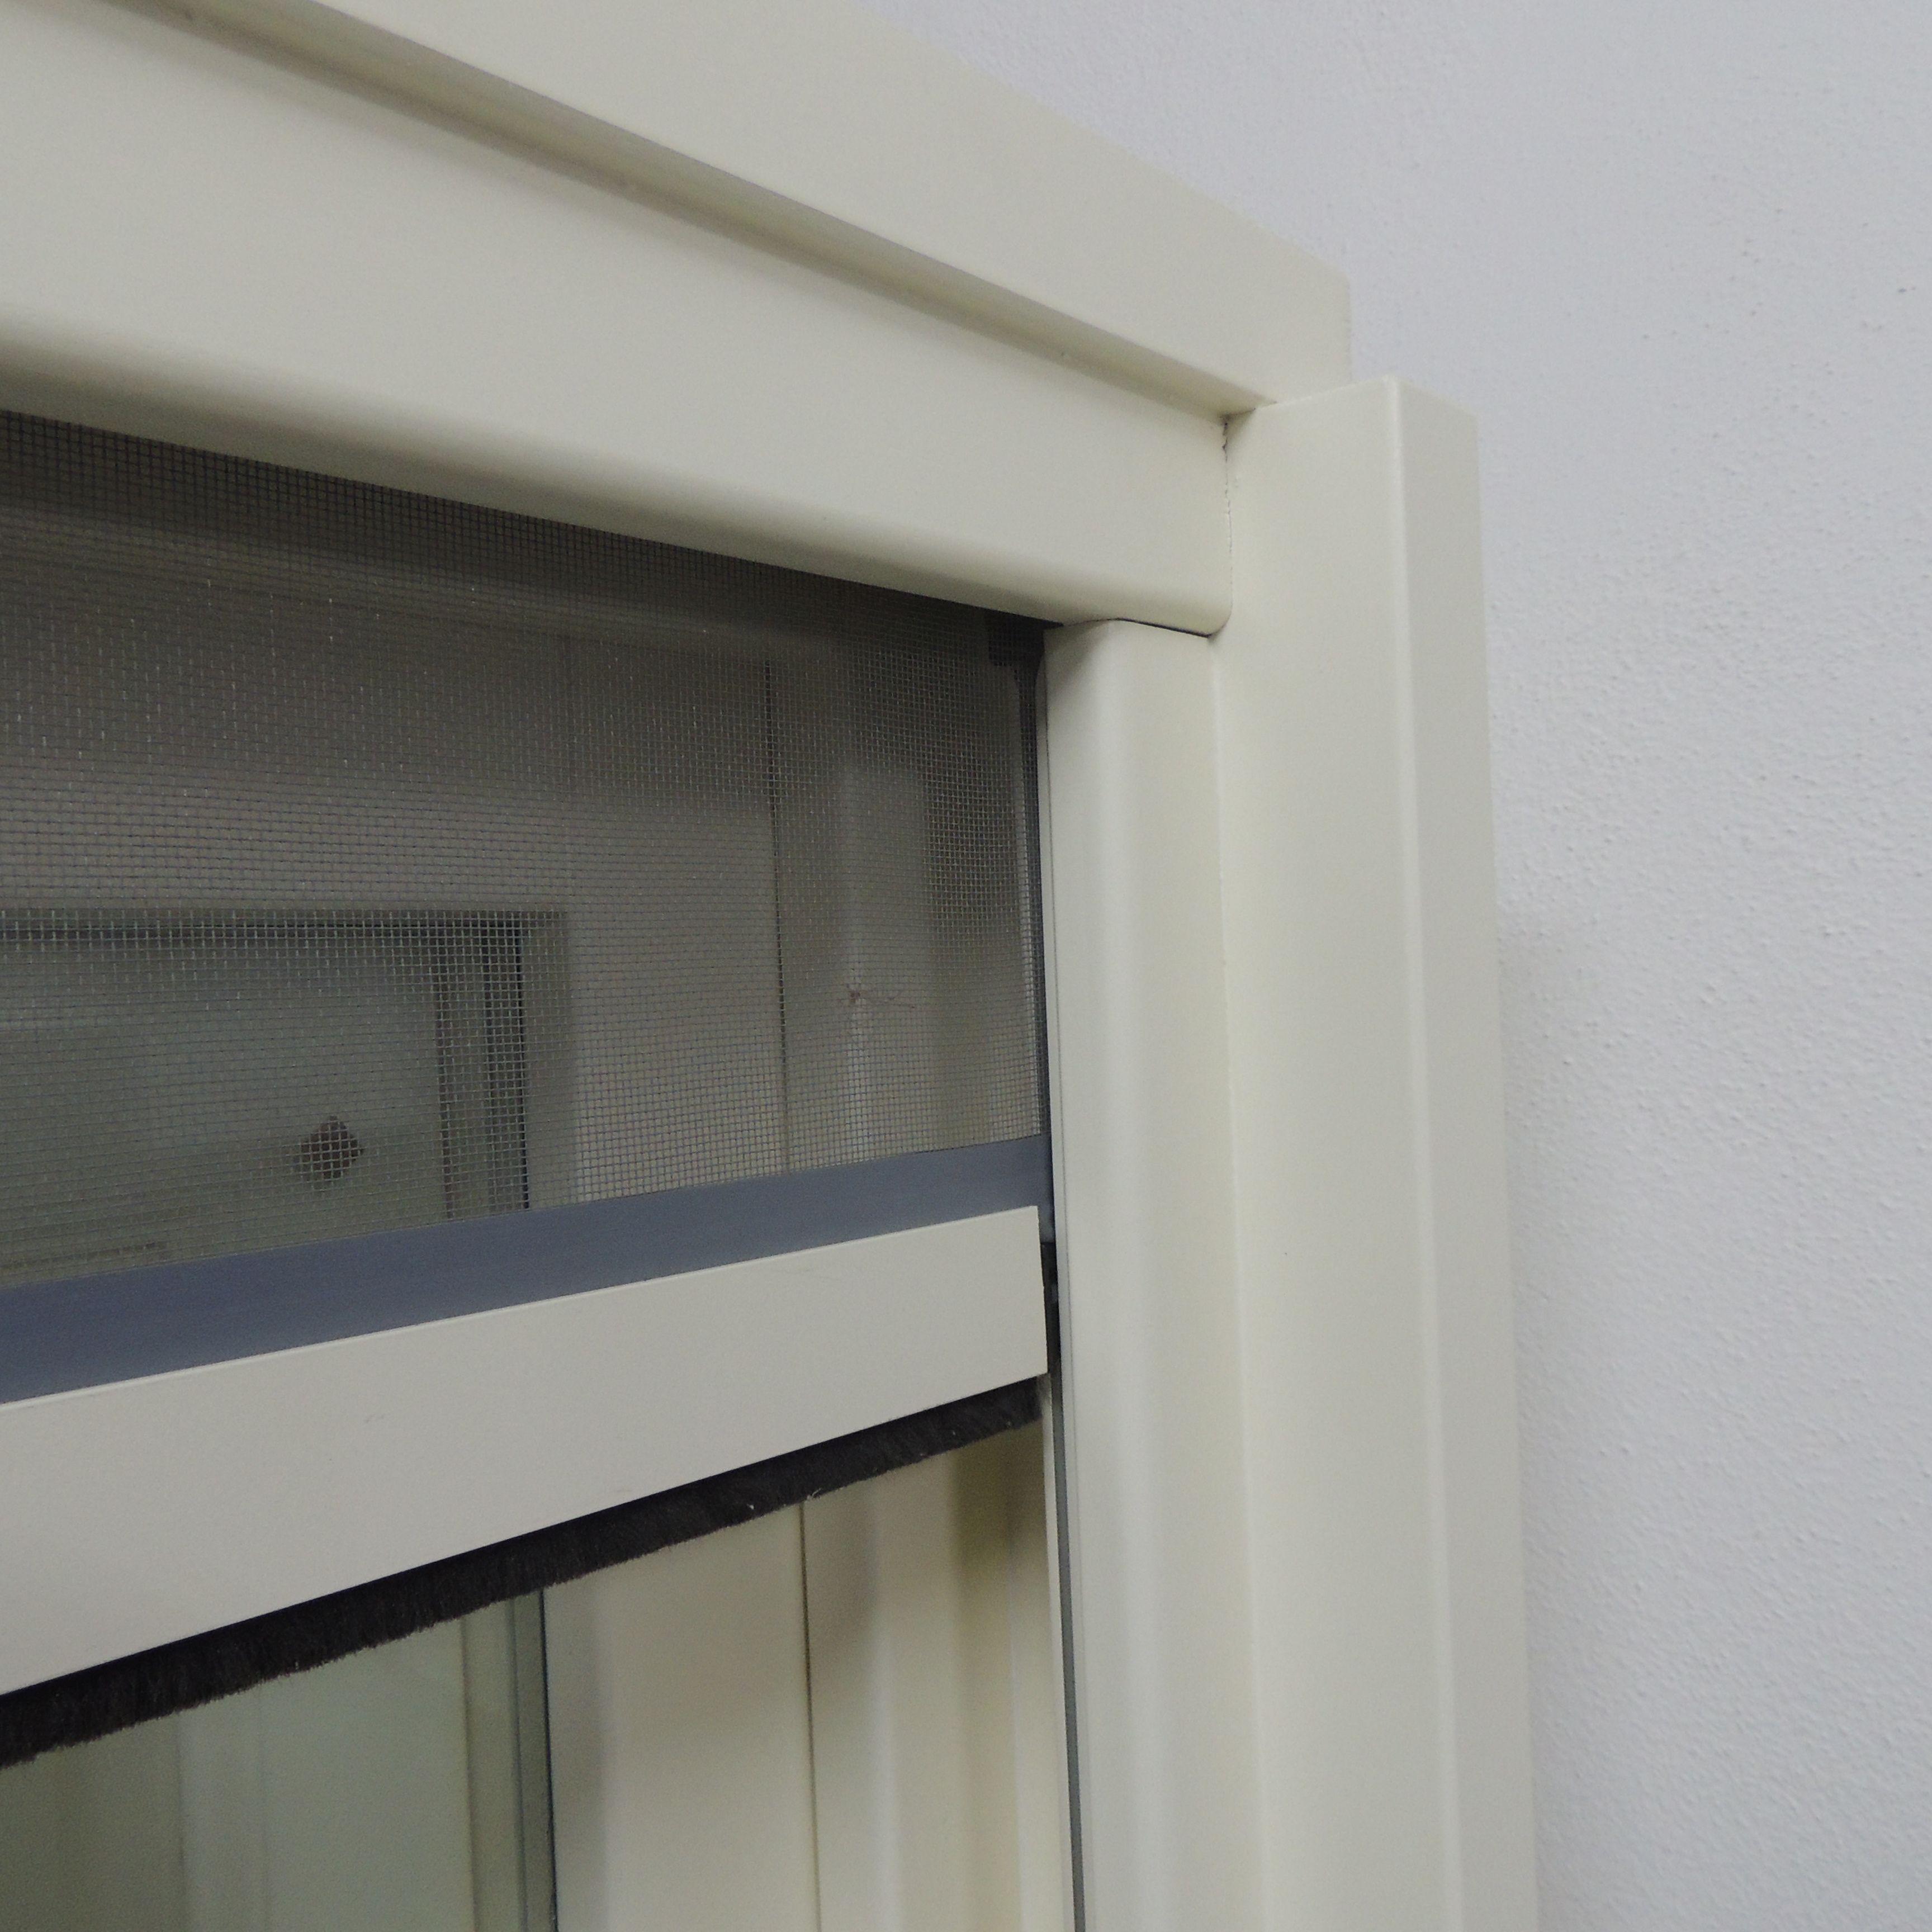 Dettaglio di finestra con zanzariera ad incastro